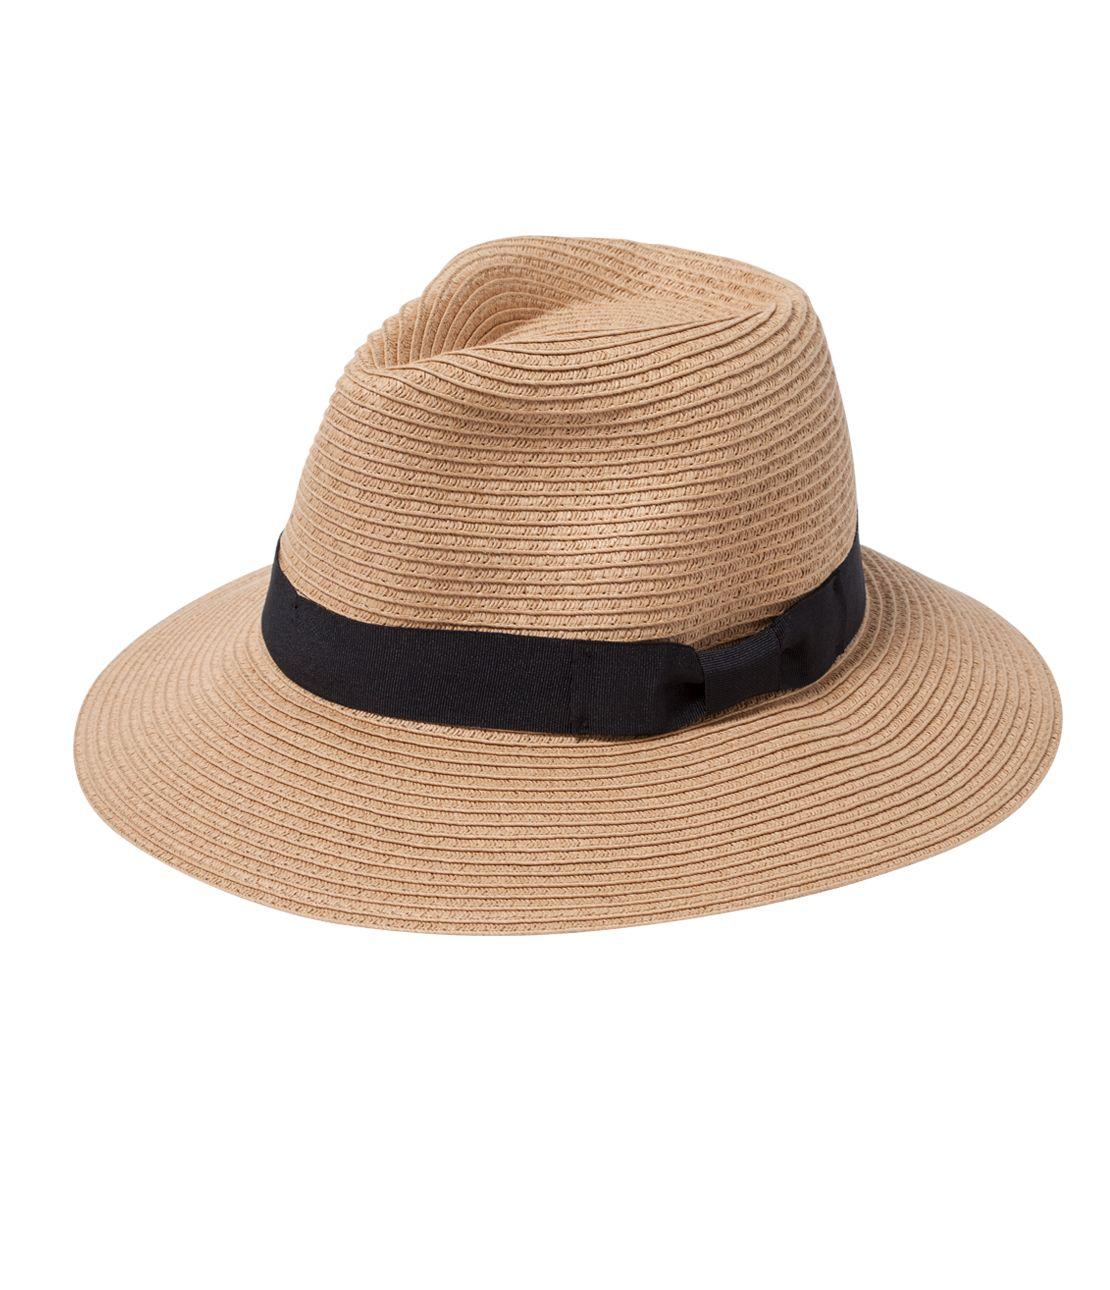 抗紫外線的帽子